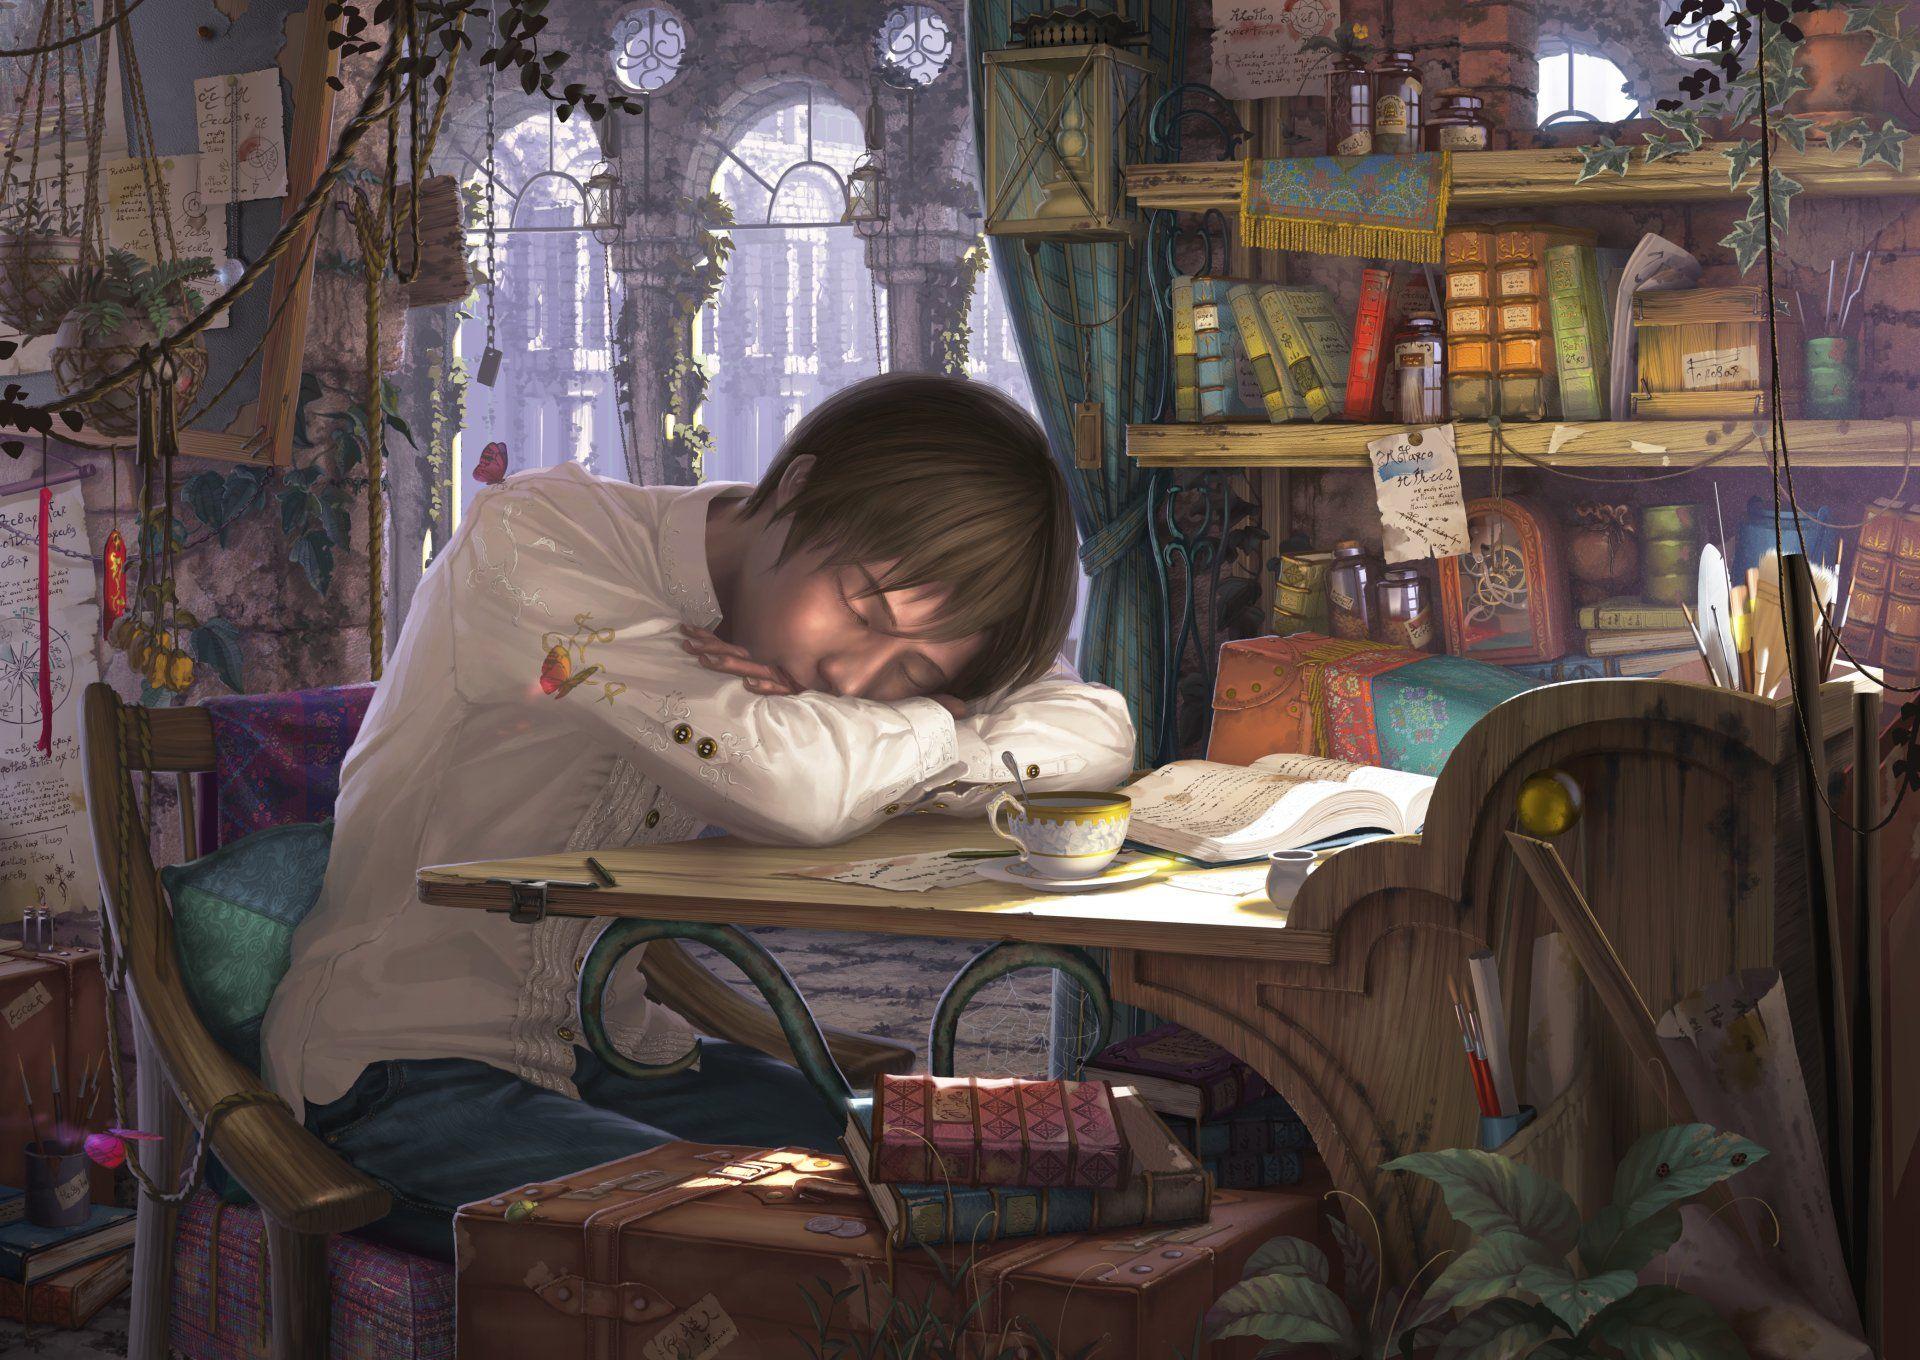 Anime original sleeping boy desk book wallpaper anime